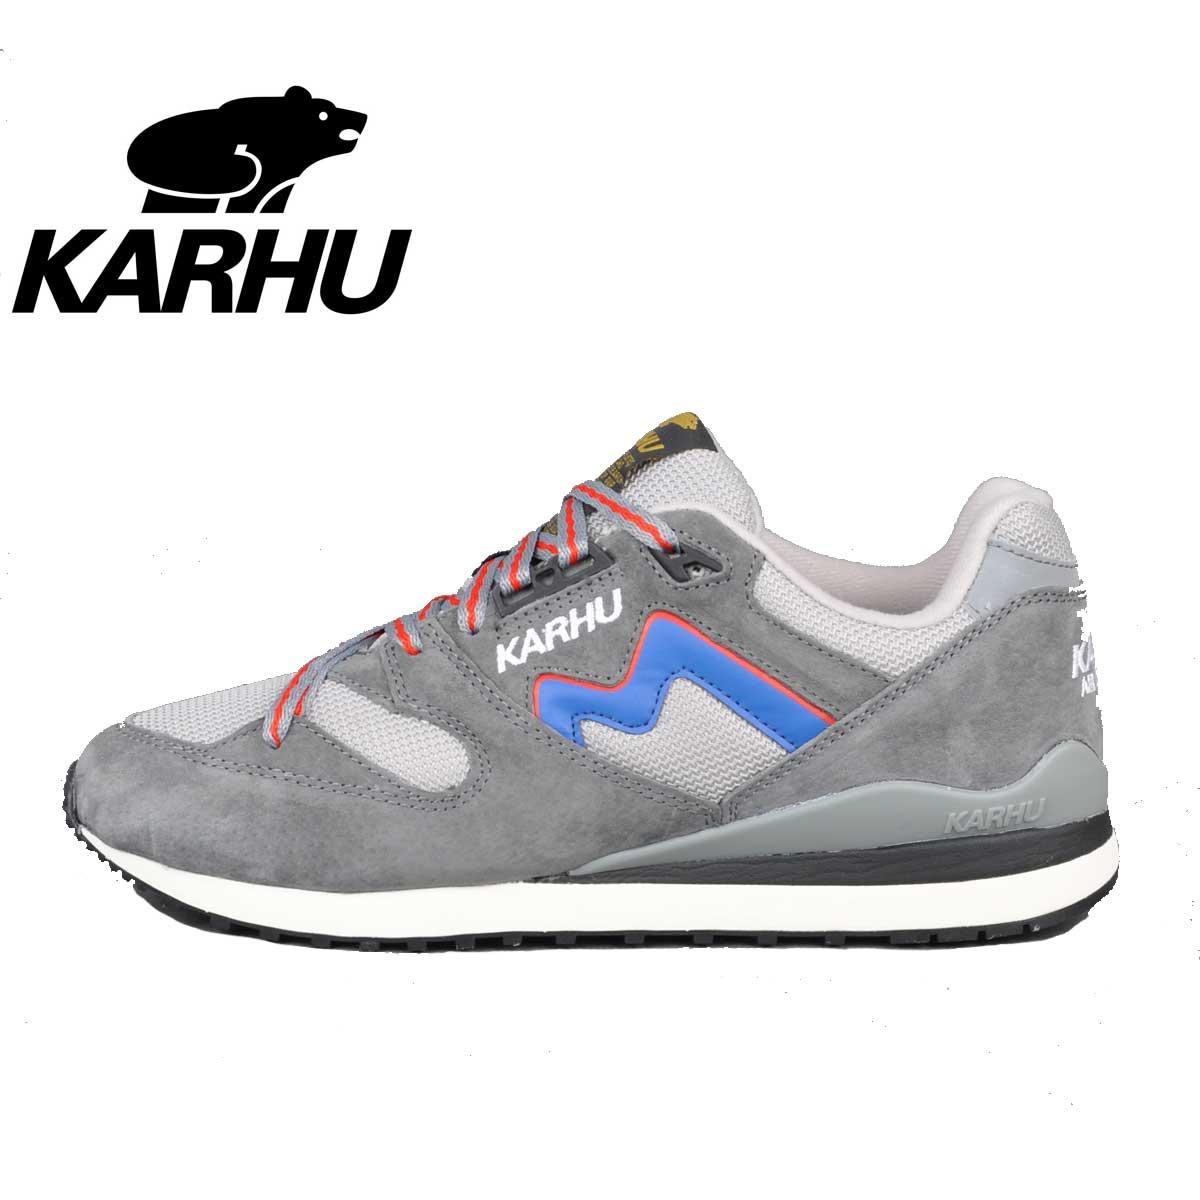 カルフ KARHU KH 802511 オージー(ユニセックス) Synchron Classic(シンクロン クラシック) 「靴」